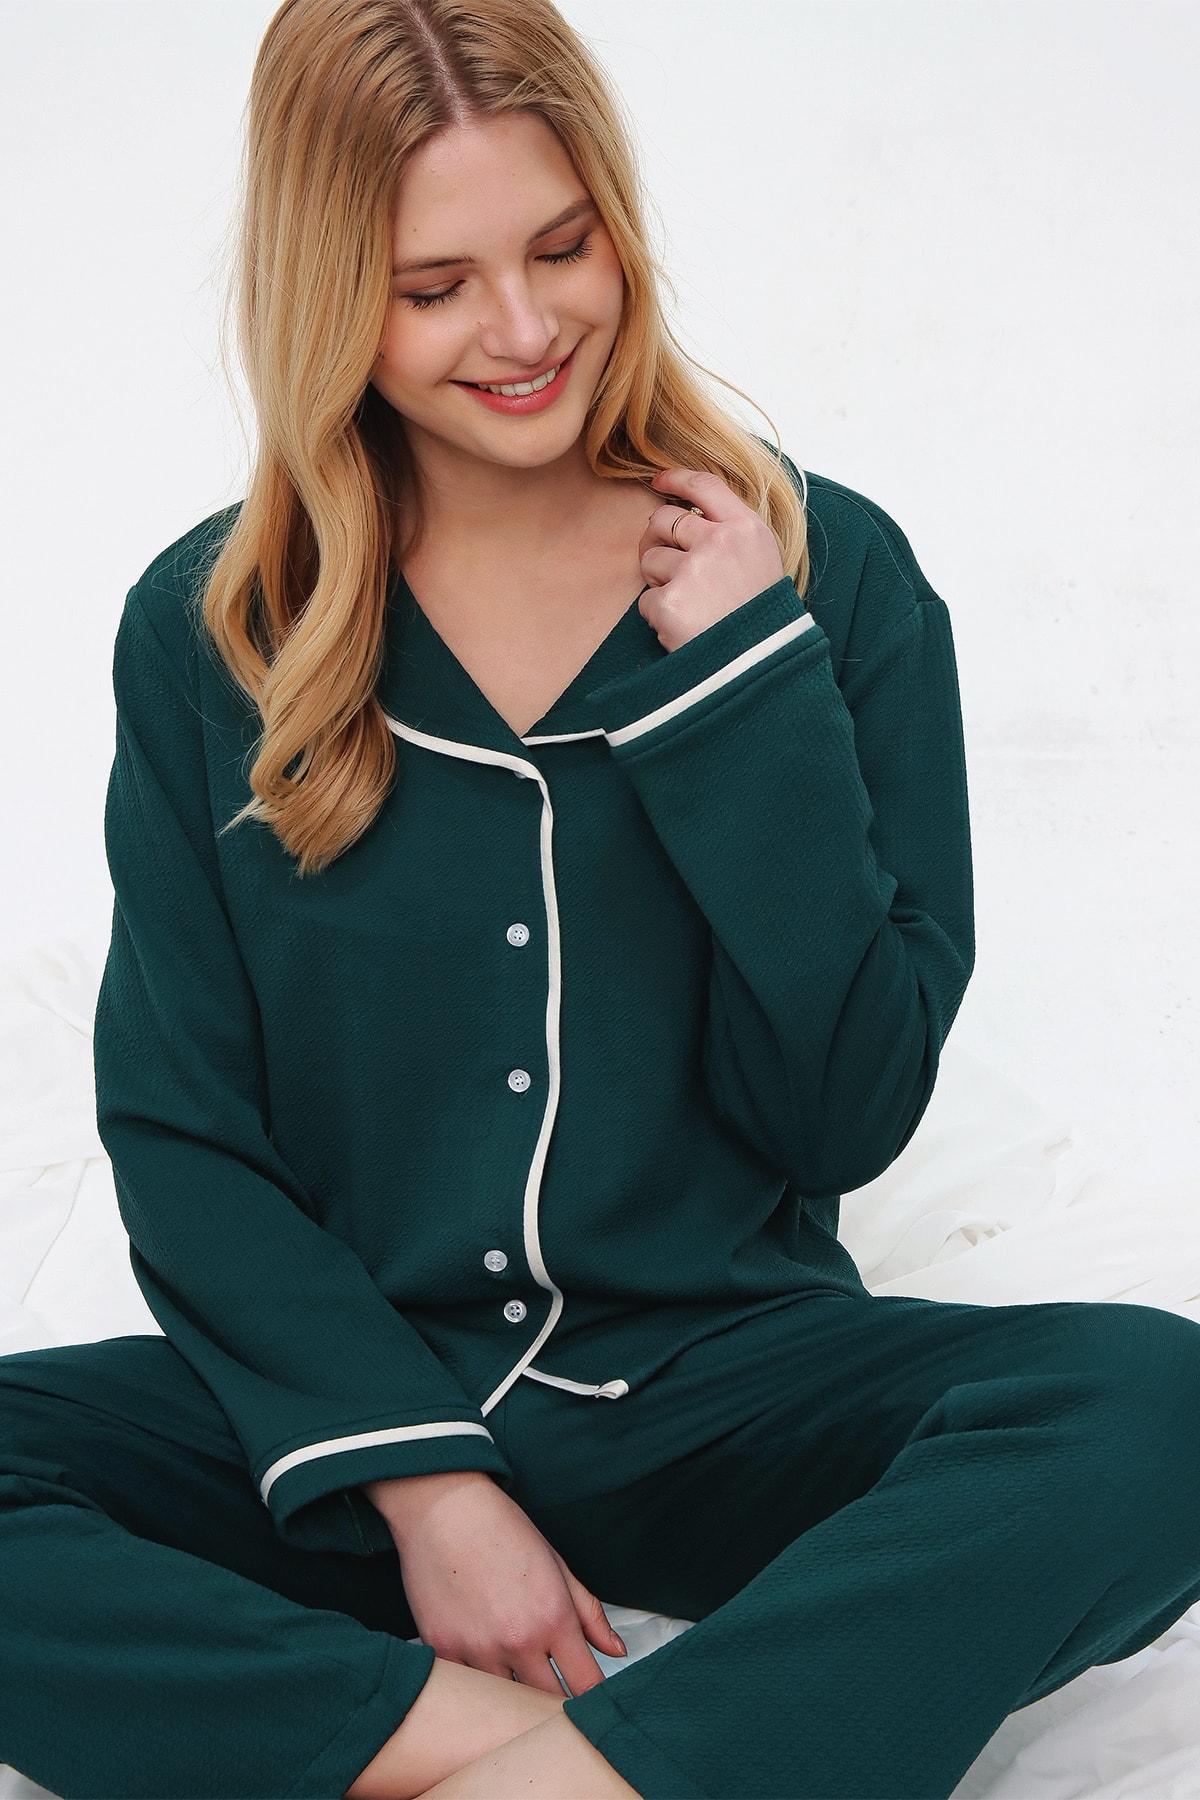 Trend Alaçatı Stili Kadın Ceviz Yeşili Desenli Gömlek Yaka Pijama Takım ALC-X5532 2